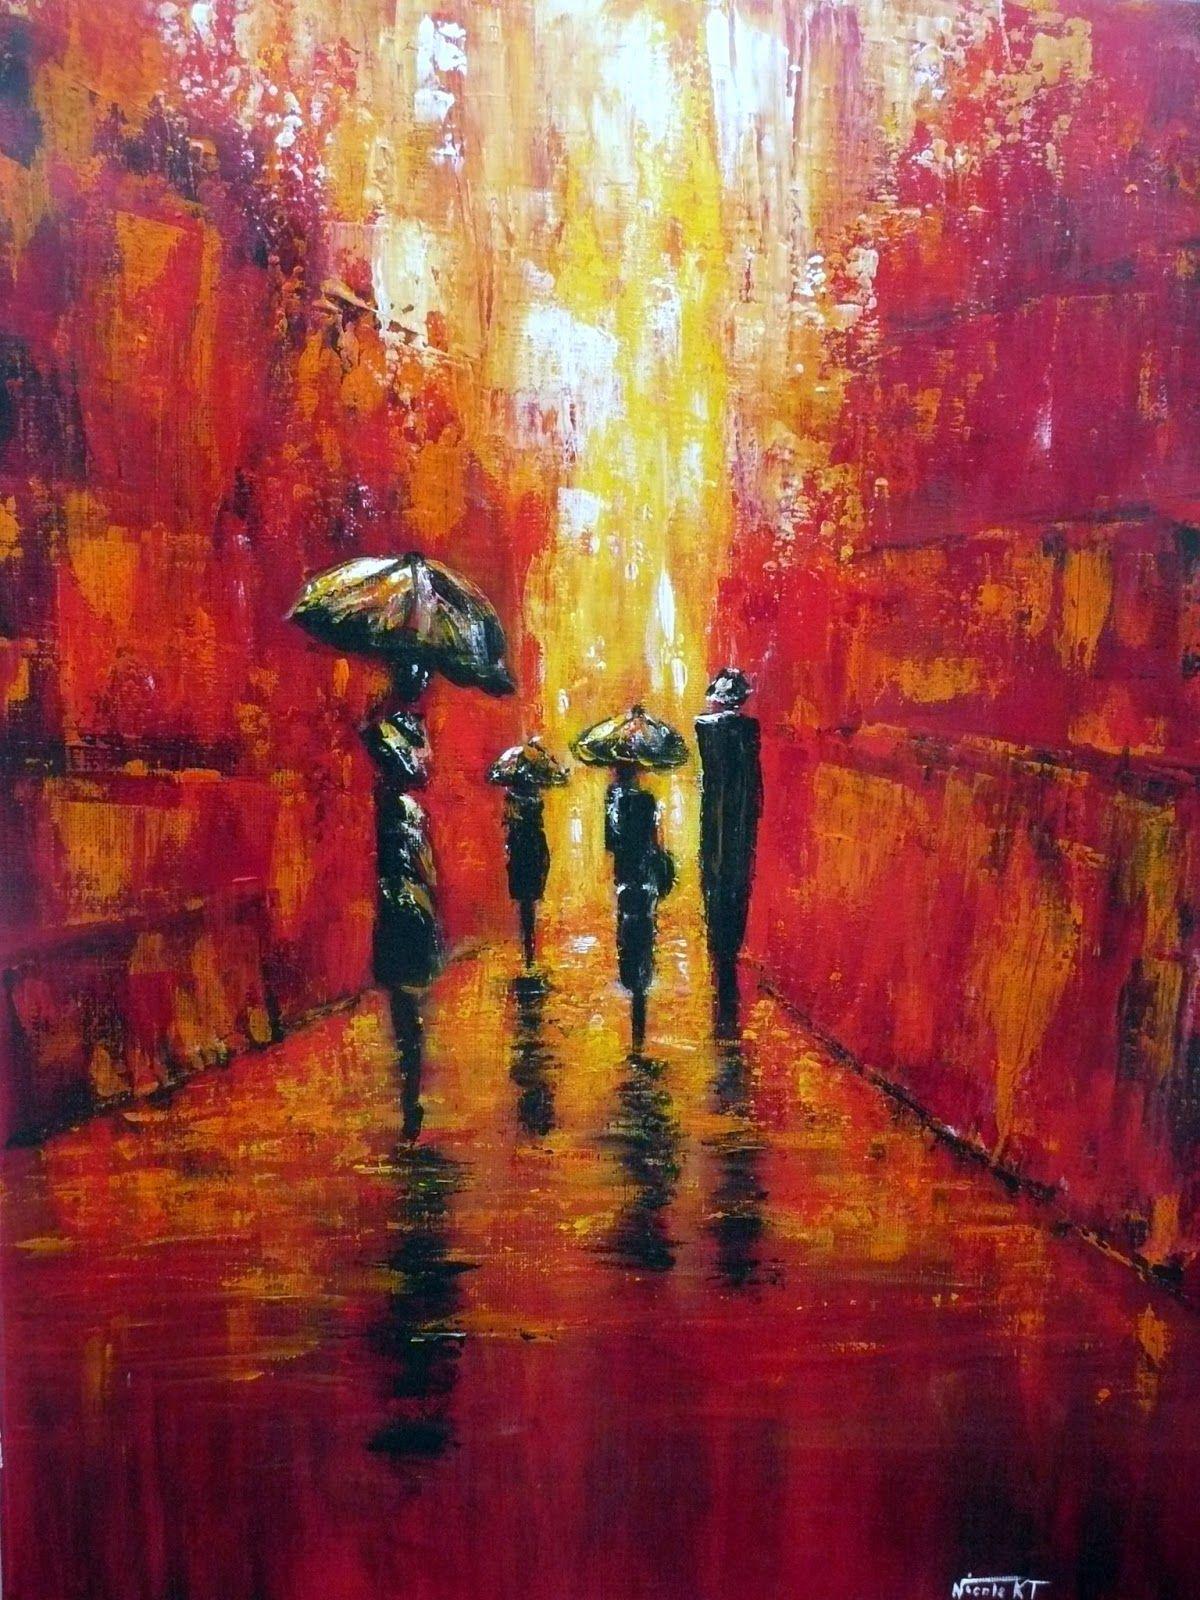 Nicole catt artiste peintre peinture acrylique au couteau les parapluies - Peinture acrylique tableau ...